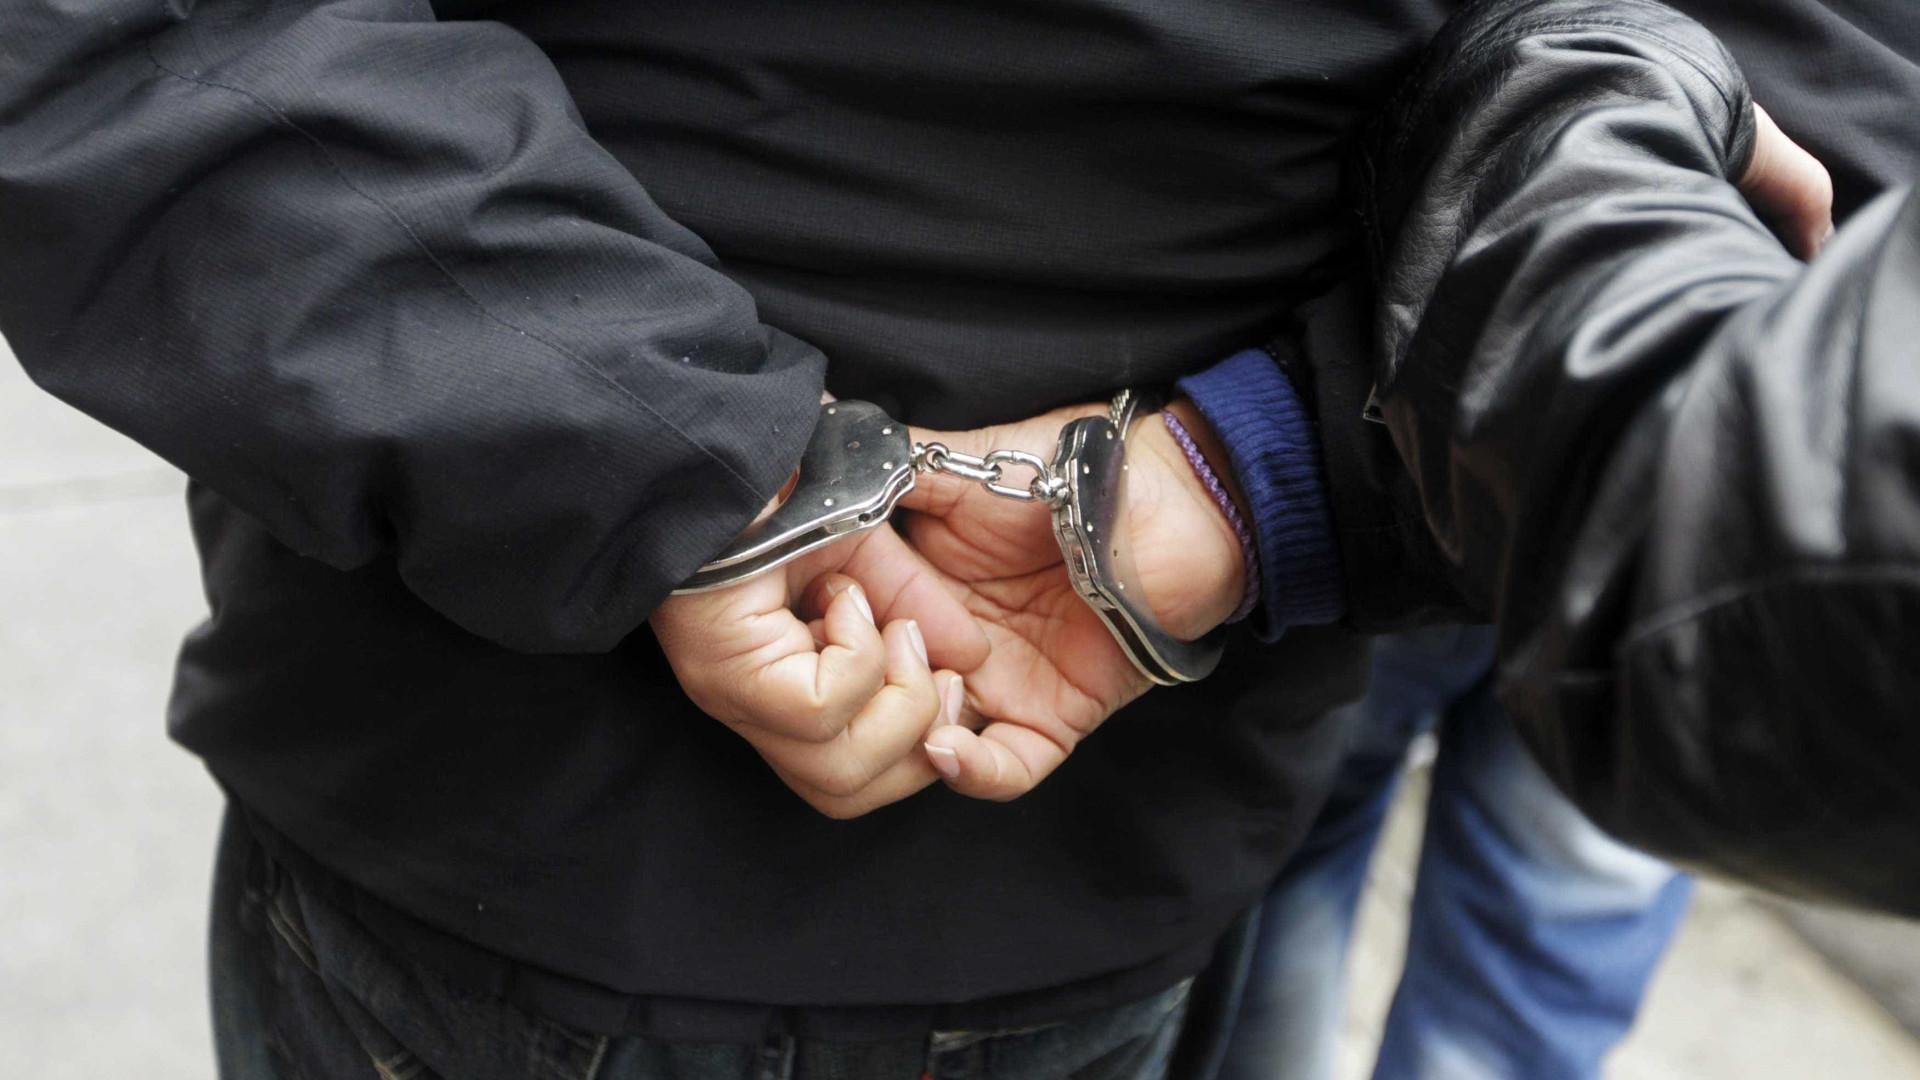 Operação prende 31 PMs em Campinas por suspeita de tráfico